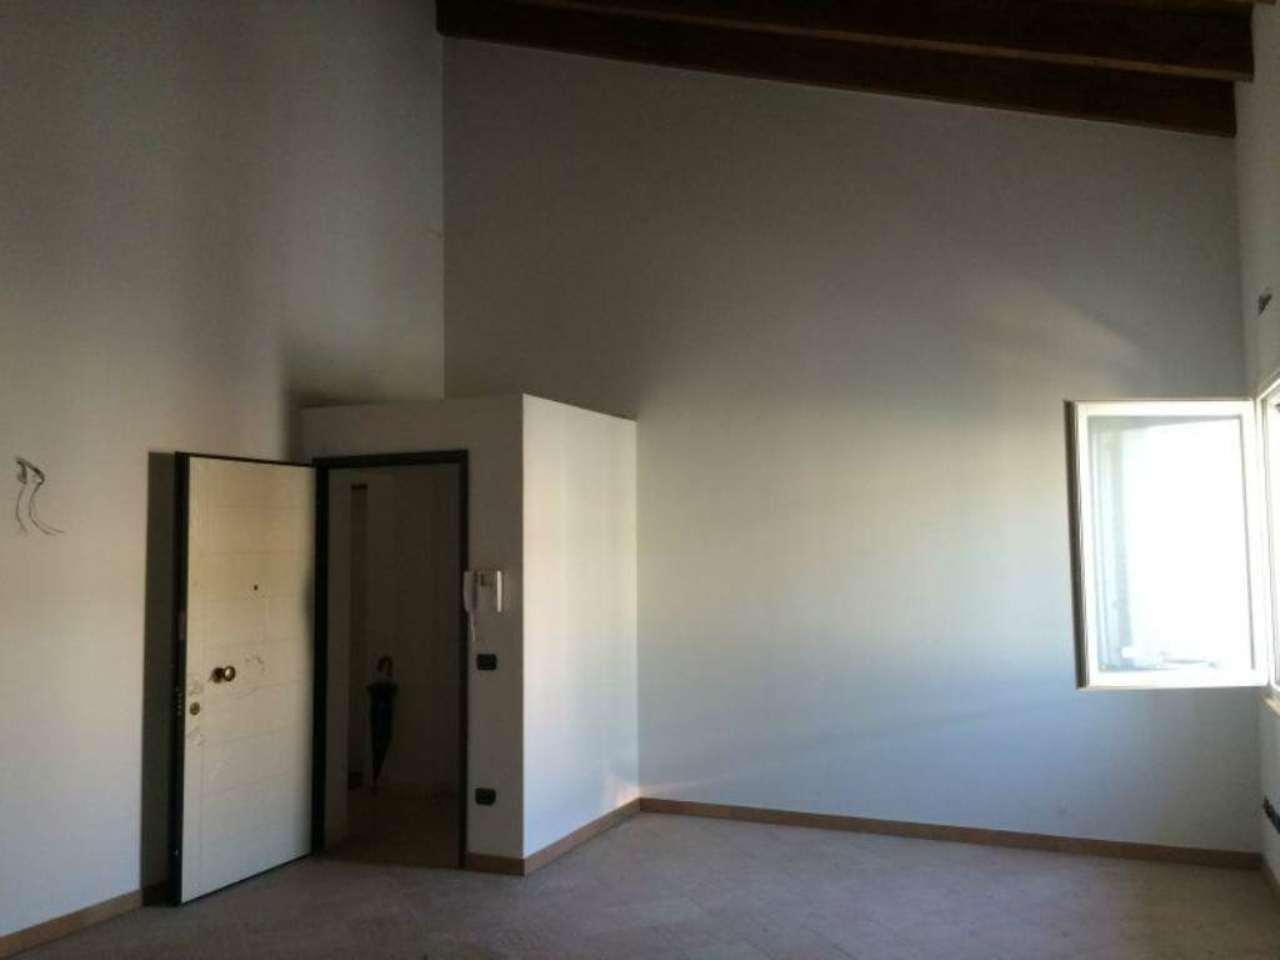 Appartamento in vendita a Viadana, 3 locali, prezzo € 130.000 | Cambio Casa.it